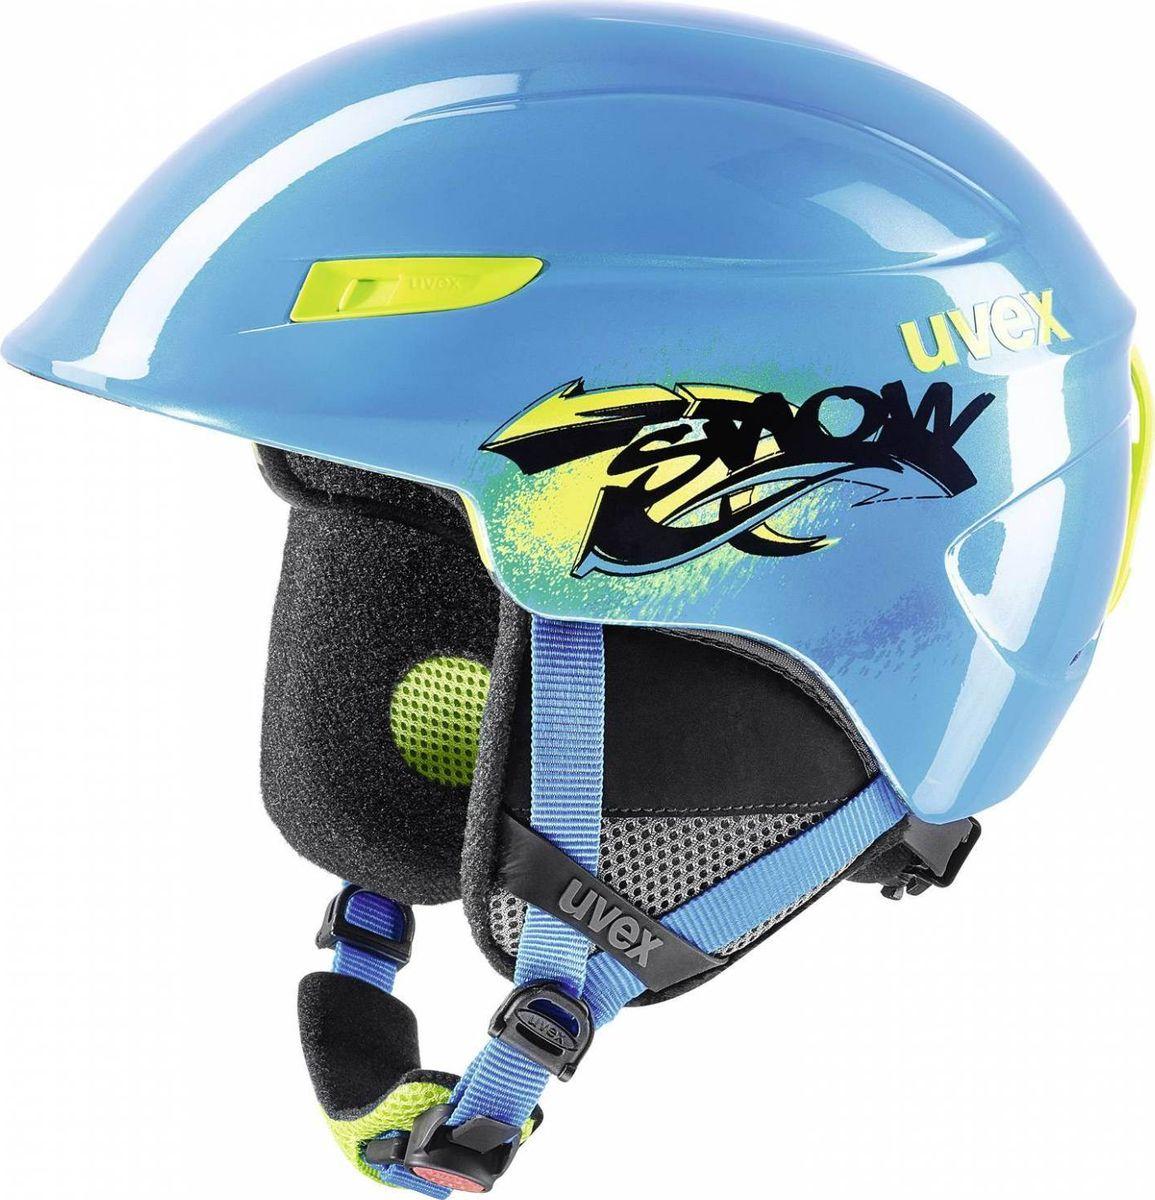 Шлем горнолыжный детский Uvex U-kid Kid's Helmet, цвет: синий. Размер 46/51